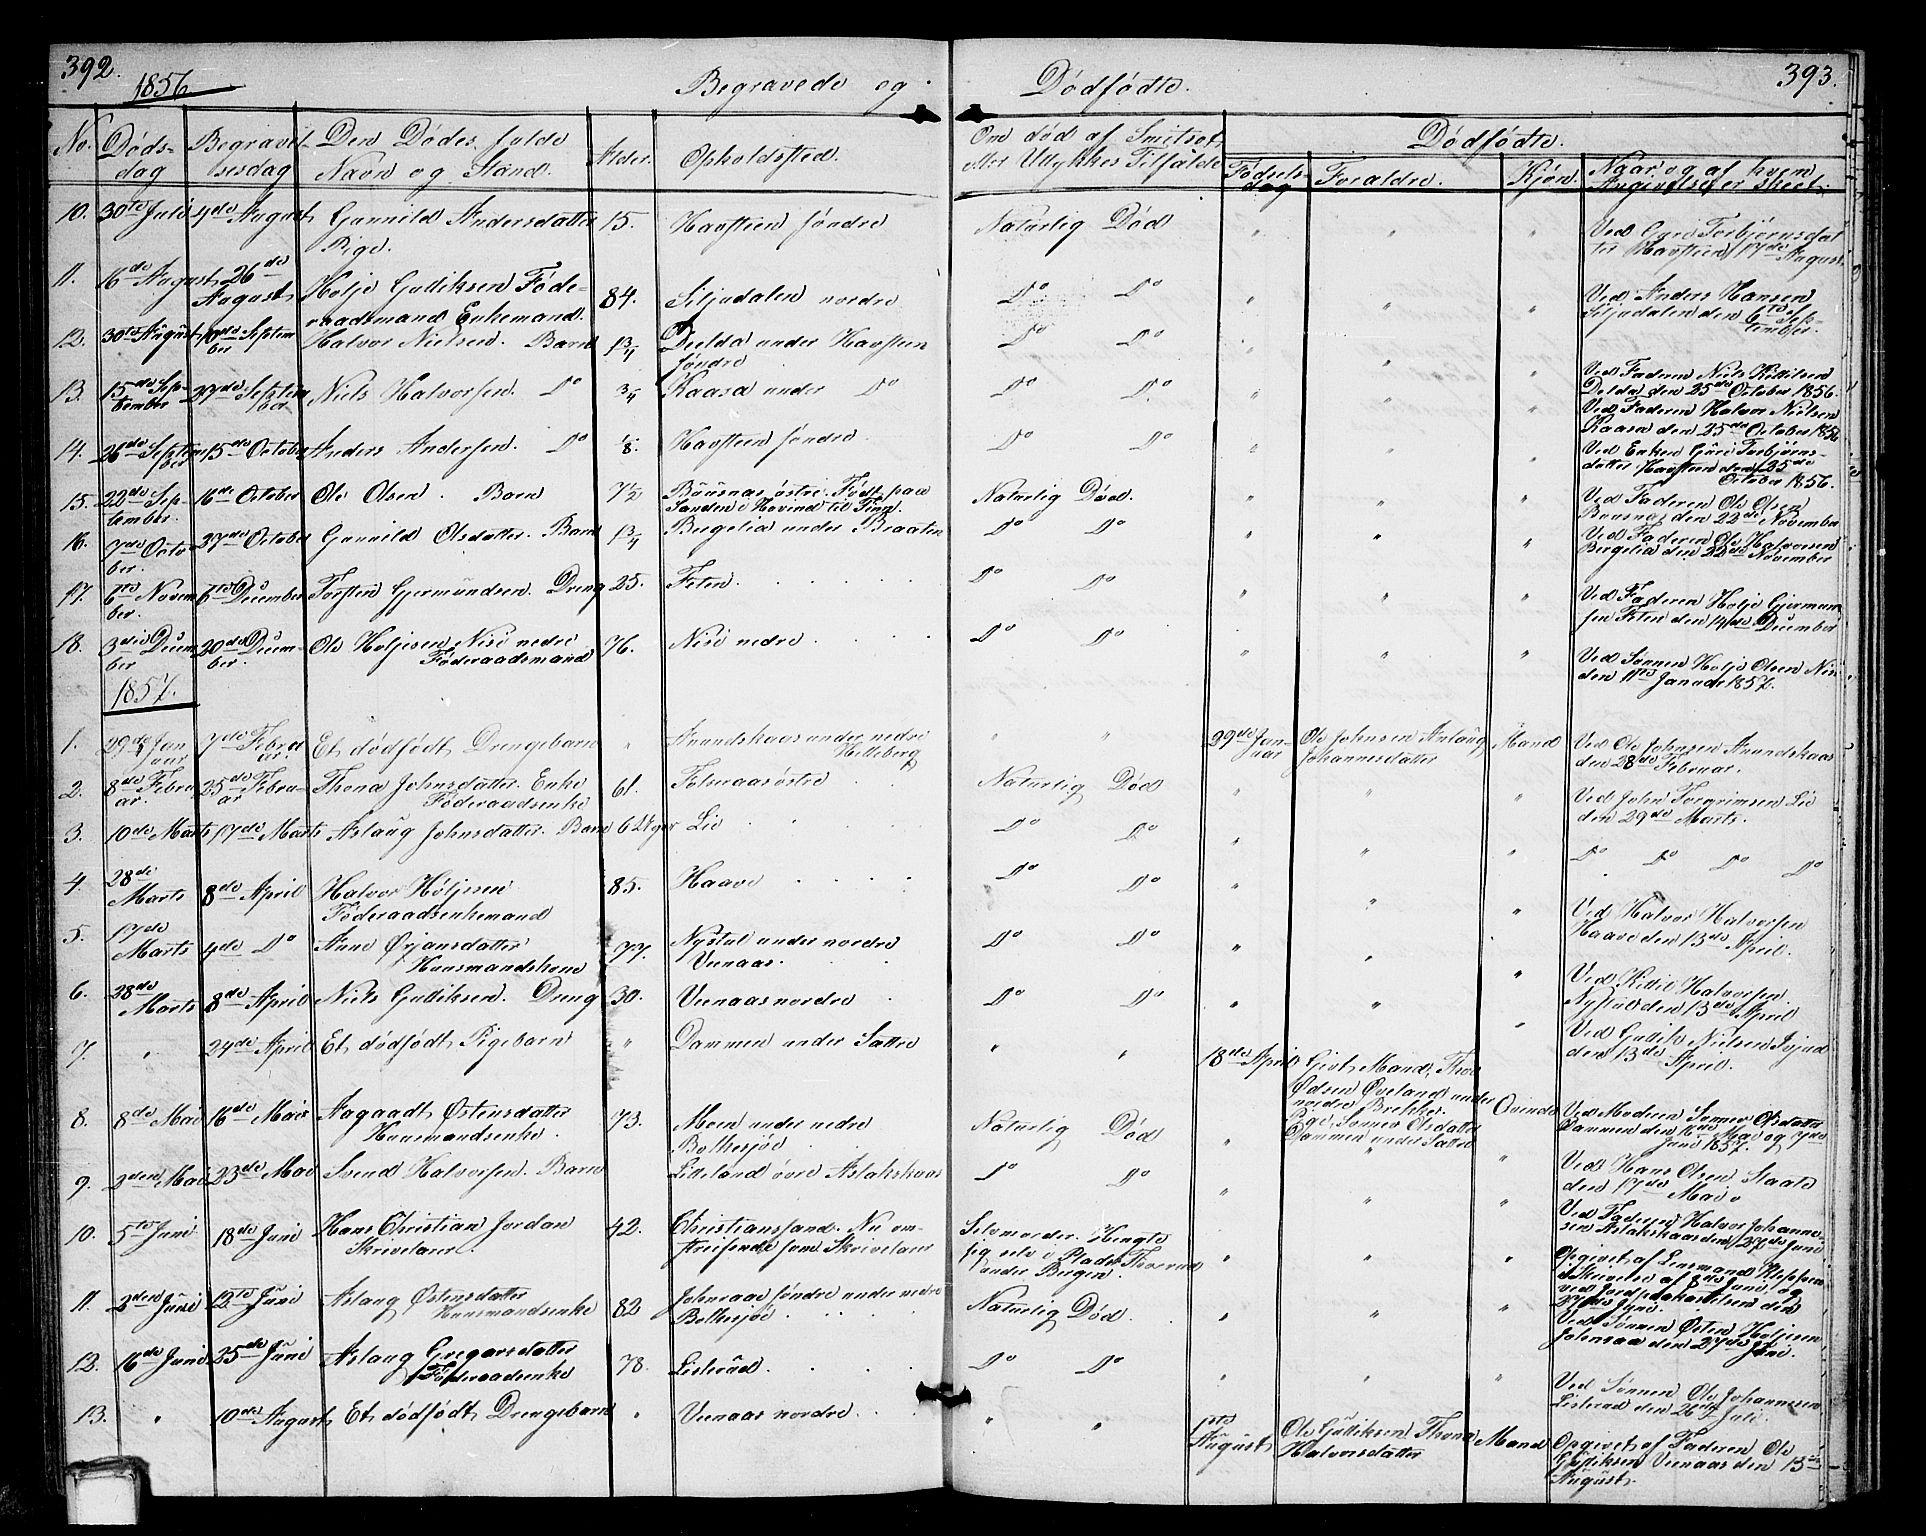 SAKO, Gransherad kirkebøker, G/Ga/L0002: Klokkerbok nr. I 2, 1854-1886, s. 392-393